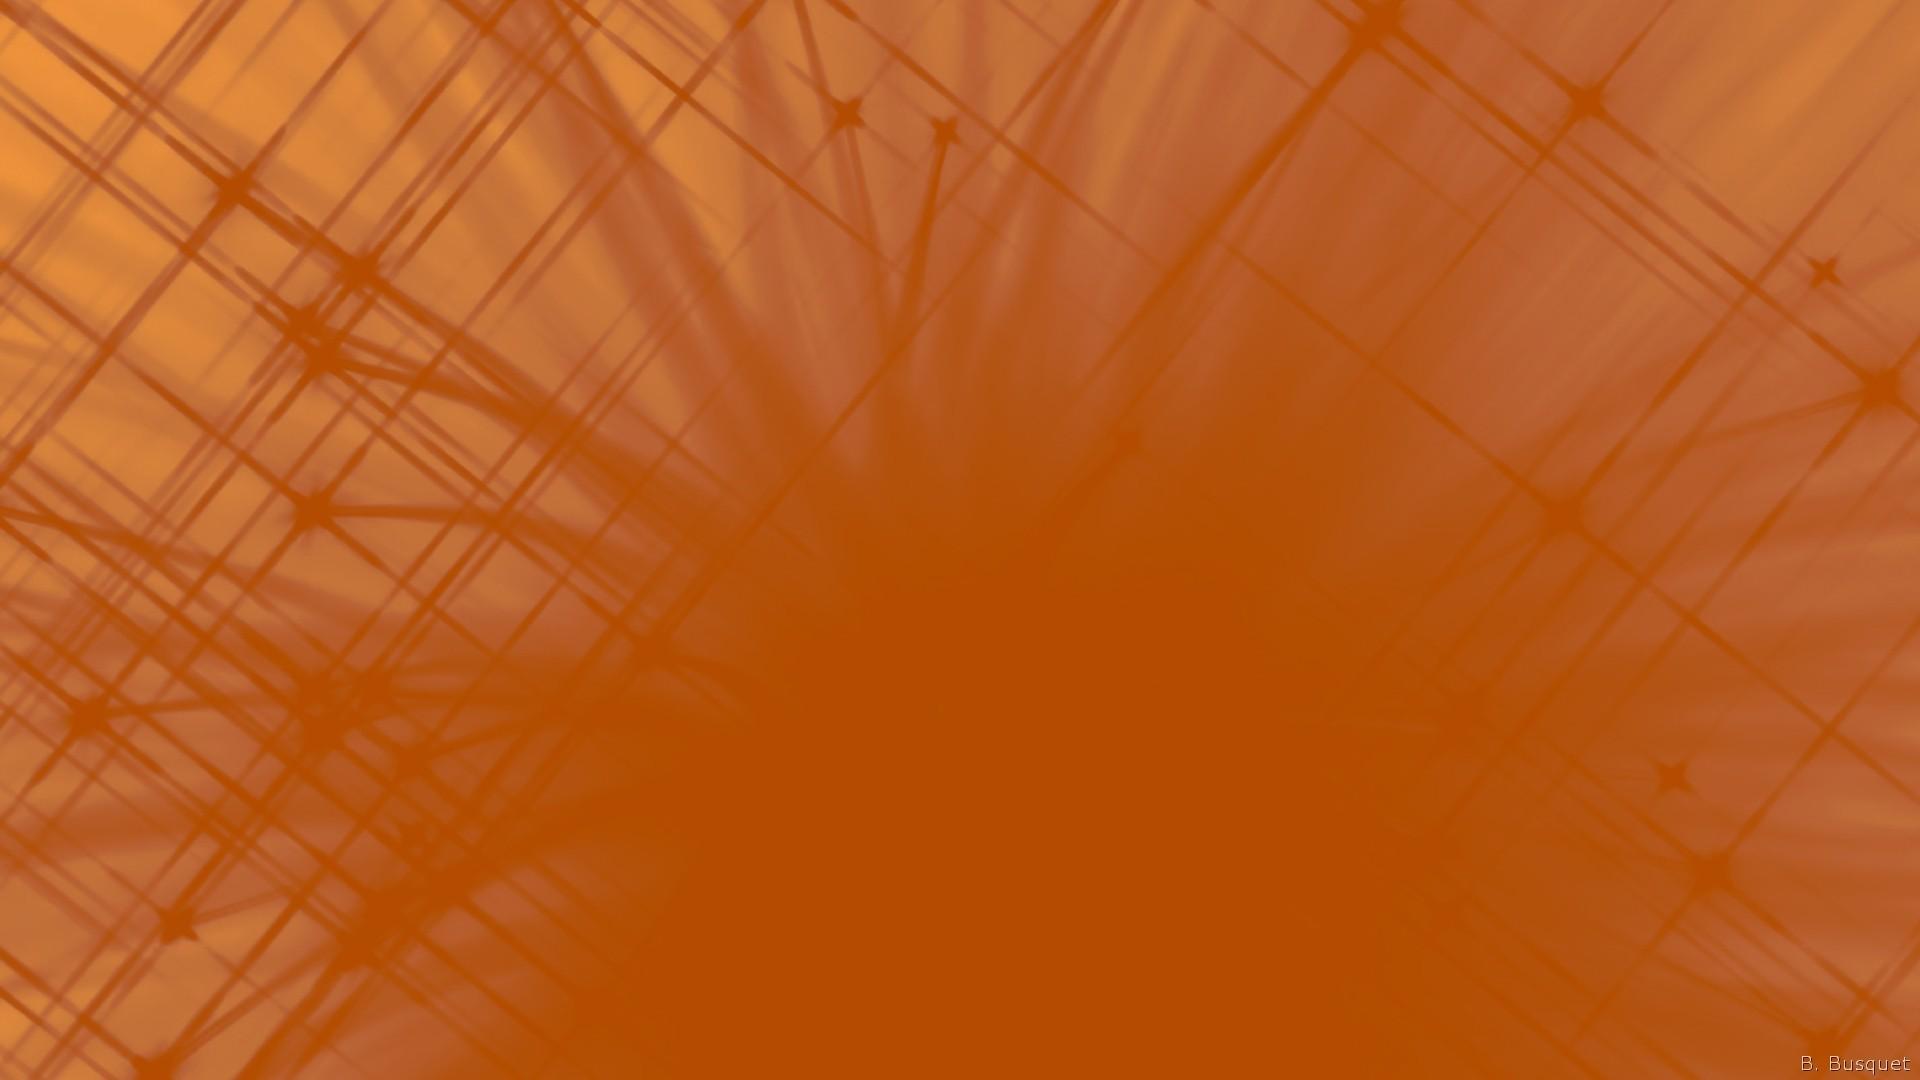 Dark orange pattern